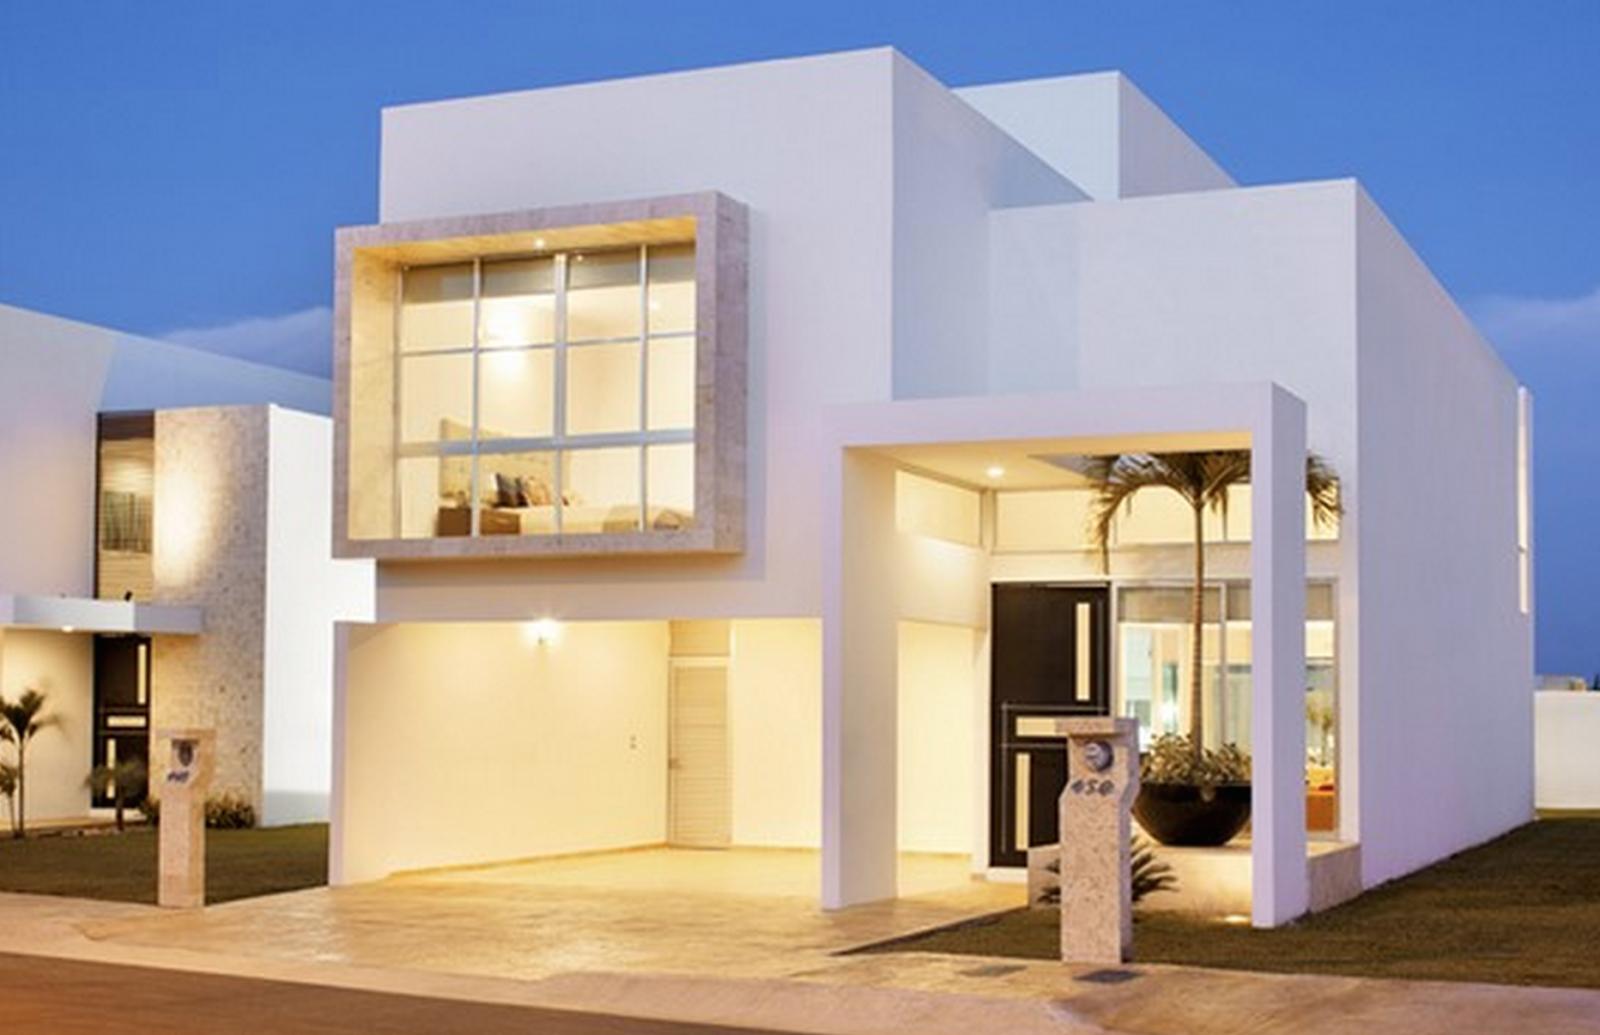 Fachadas de casas minimalistas carmelo mar n for Plantas casas minimalistas